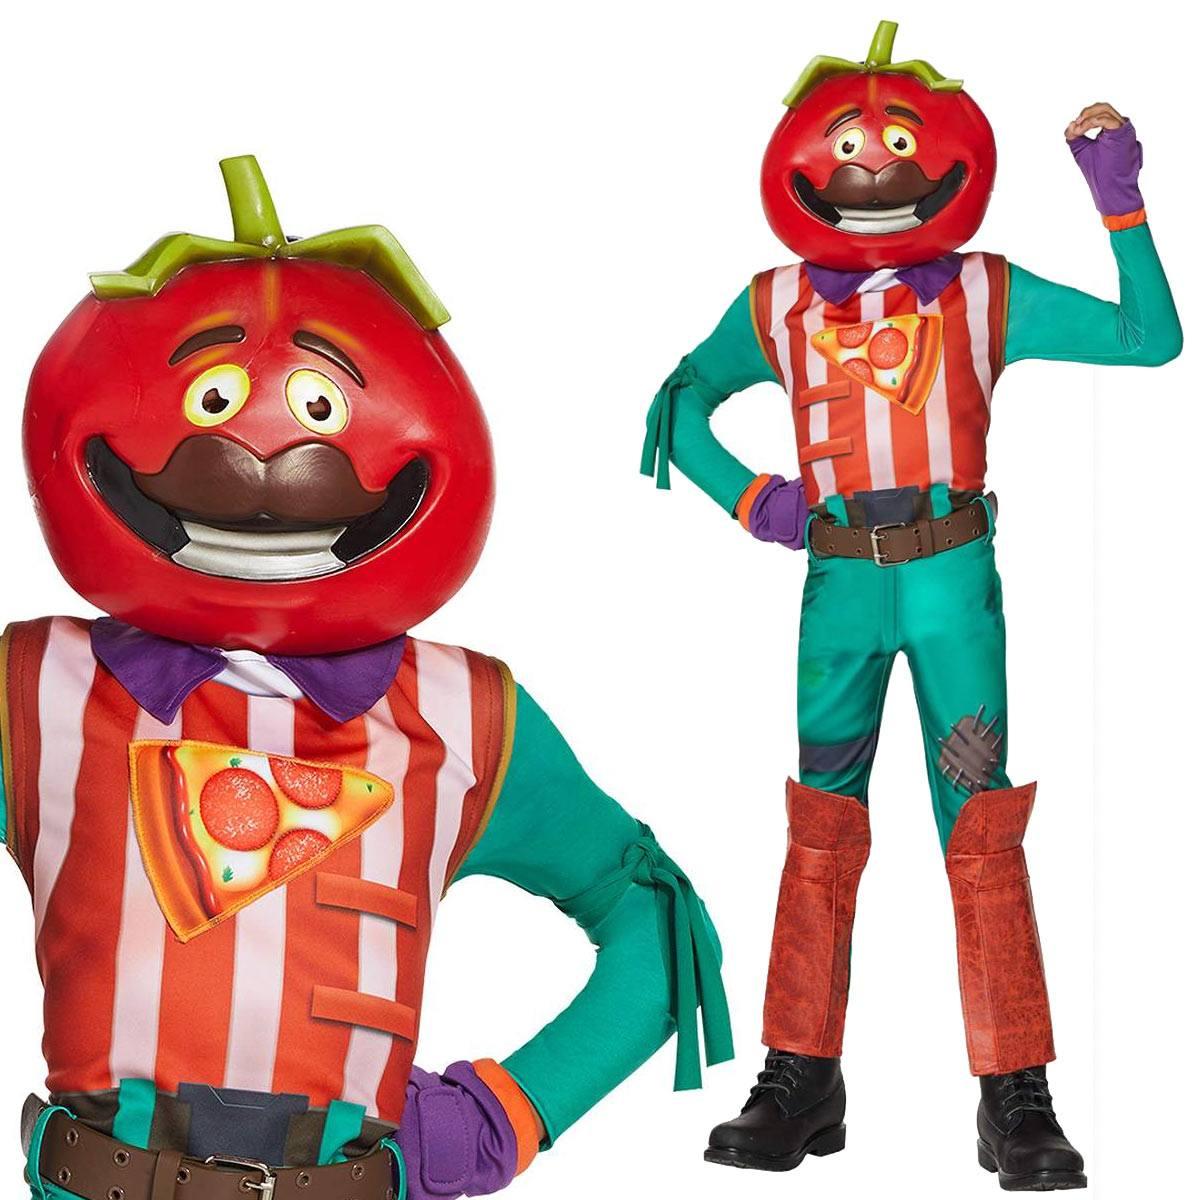 フォートナイト コスプレ トマトヘッド 子供用 コスチューム 服 グッズ スキン 公式 Fortnite